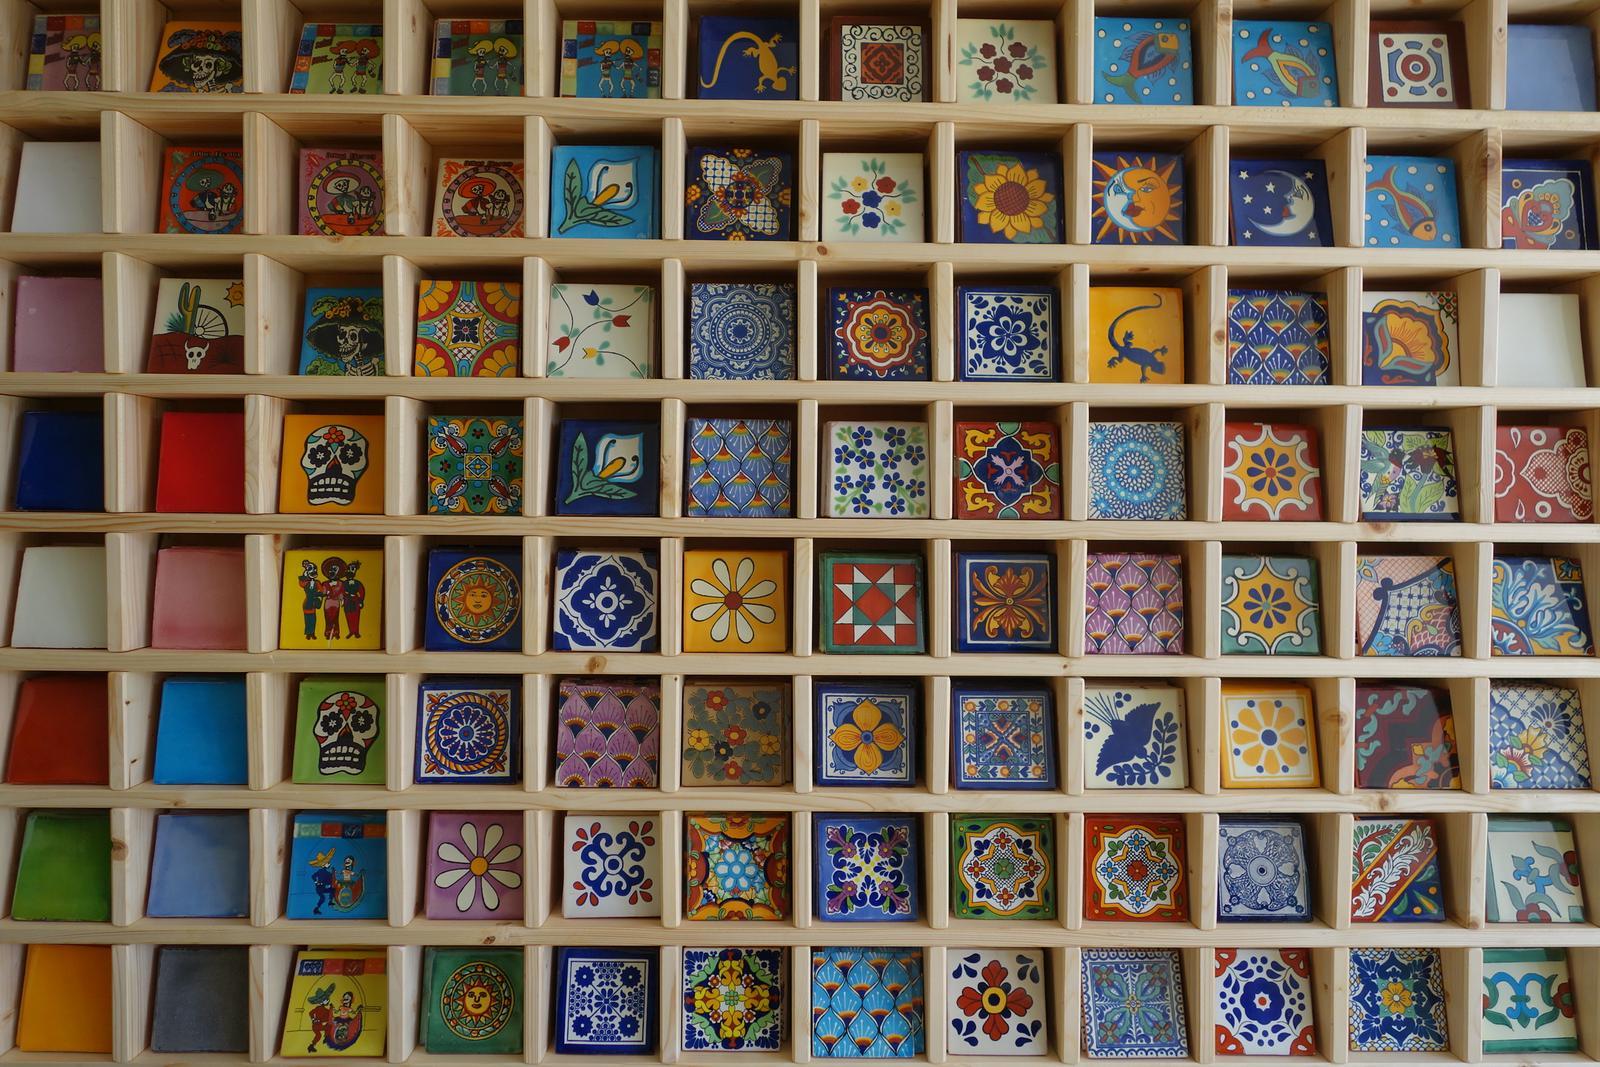 lagartija - Ručne maľované obklady z Mexika, dekorované aj jednofarebné, rozmer 10,5 x 10,5